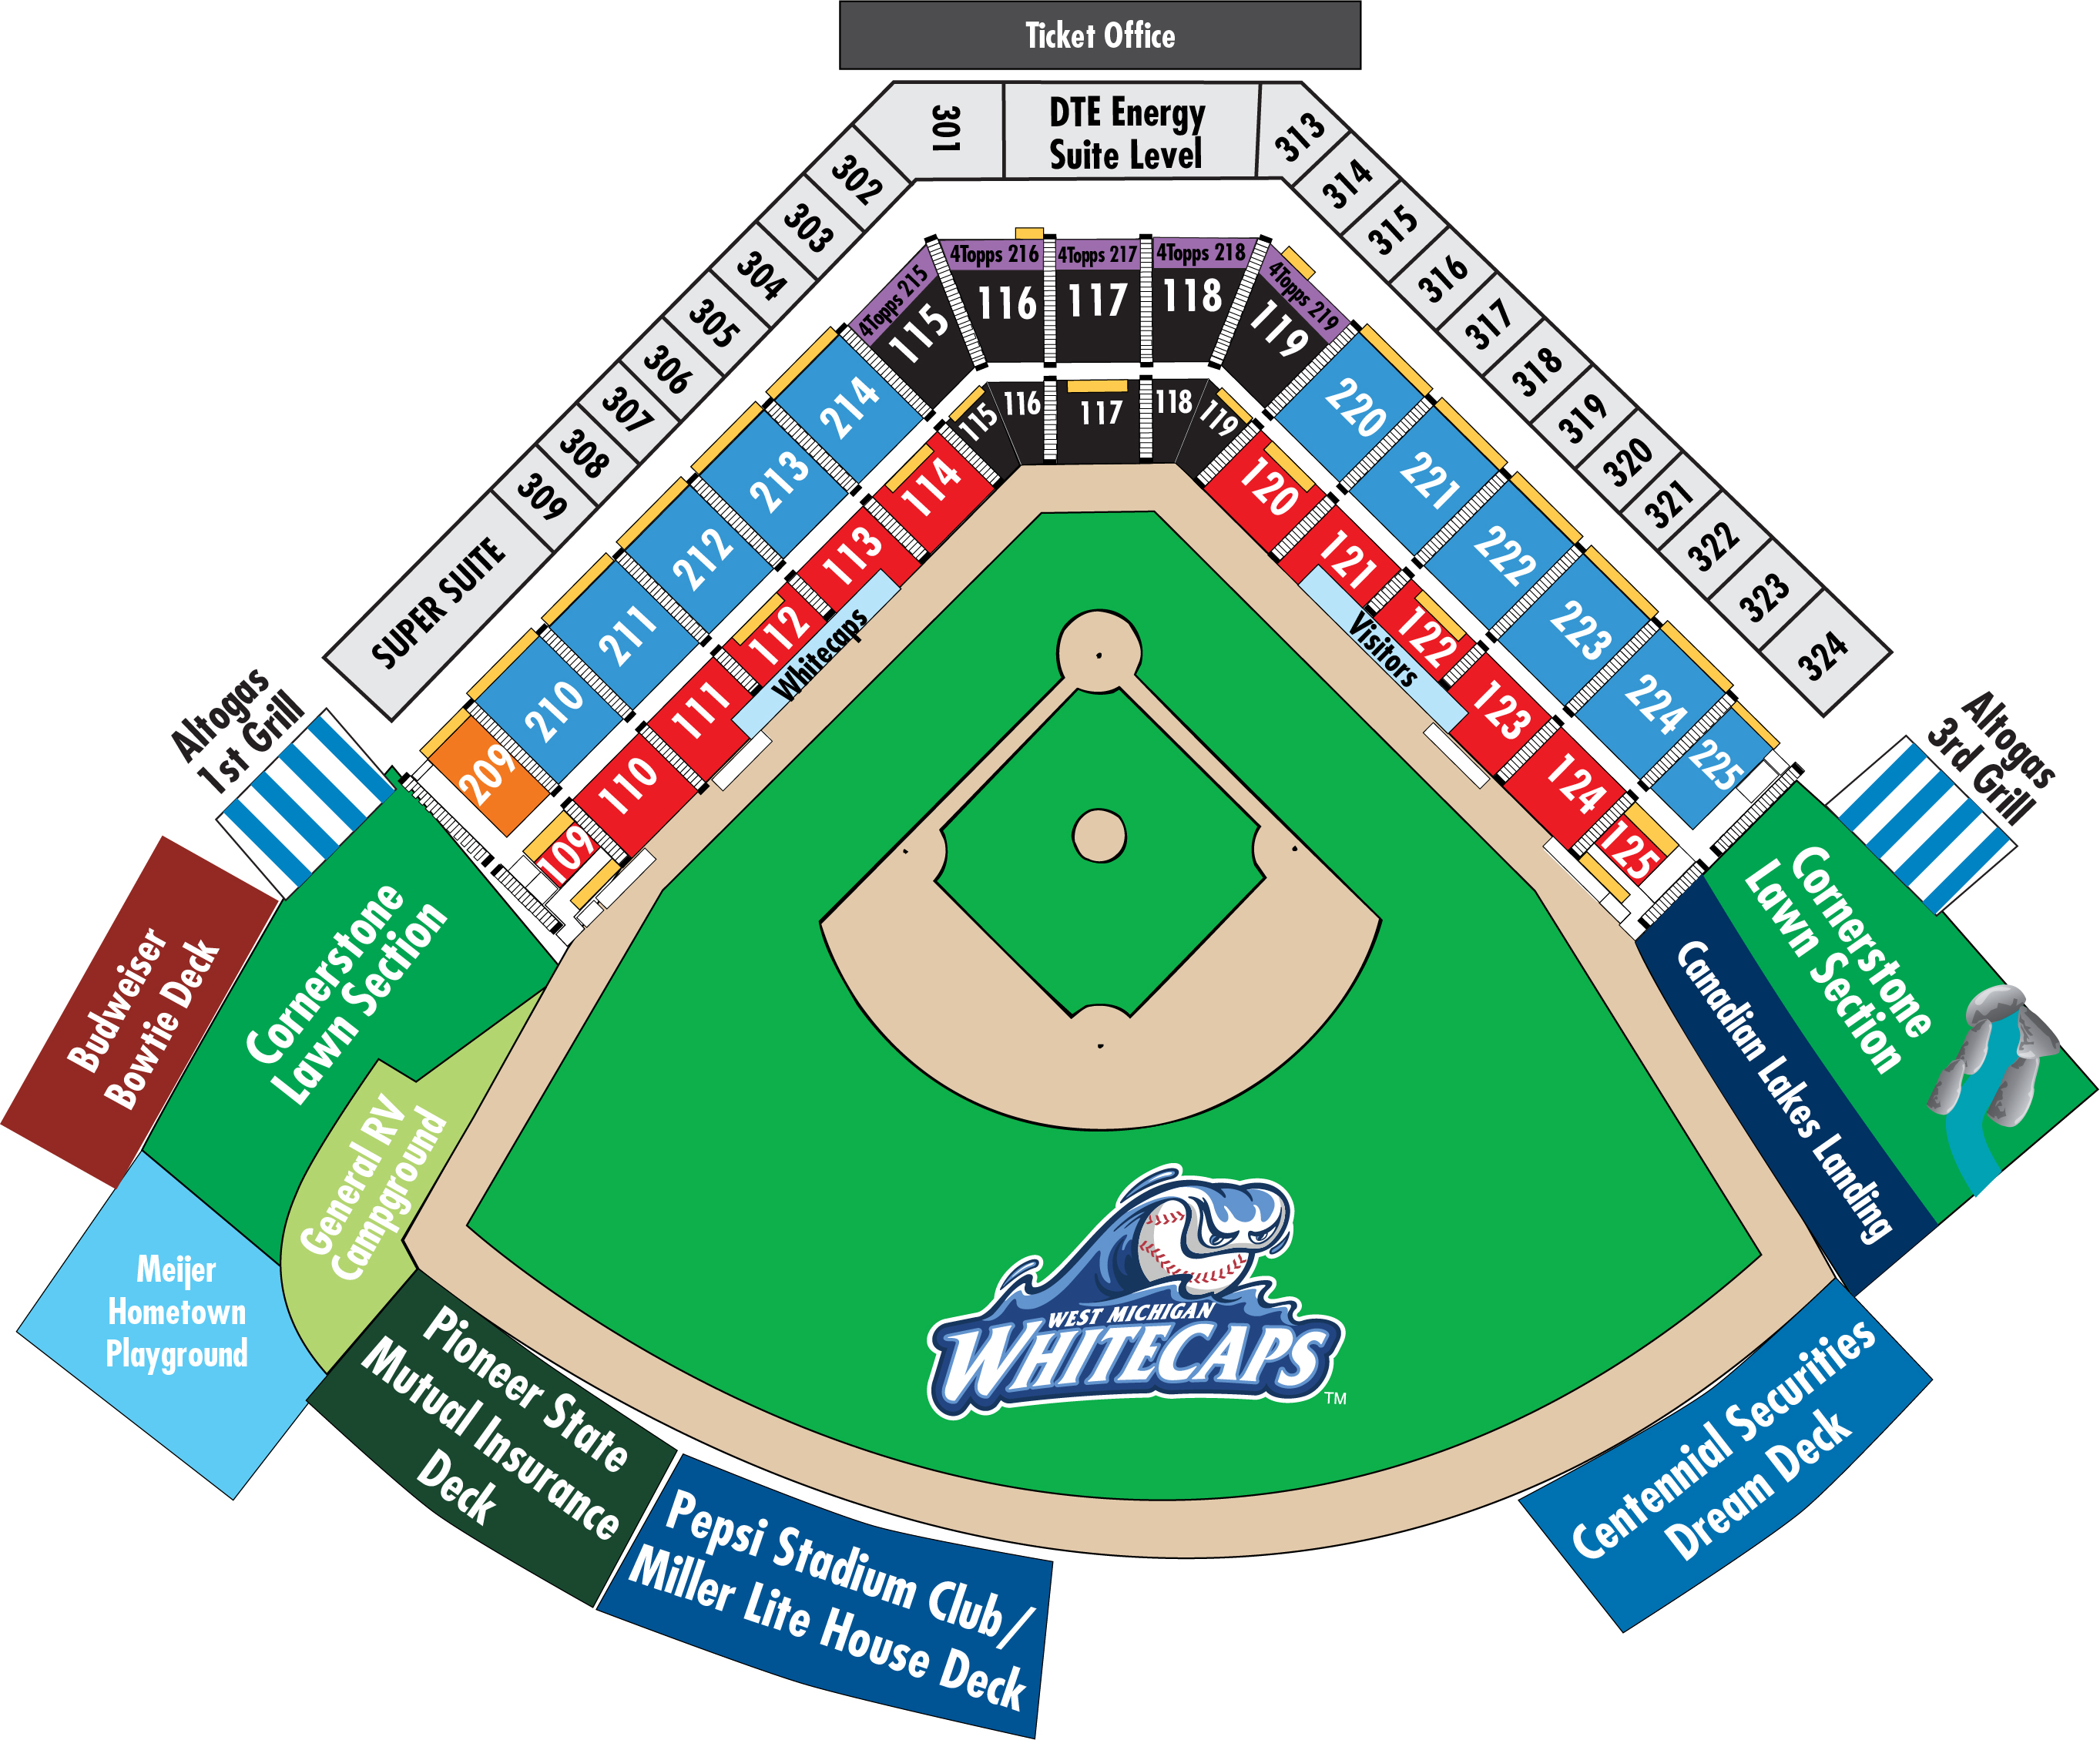 Seating Chart West Michigan Whitecaps Ballpark